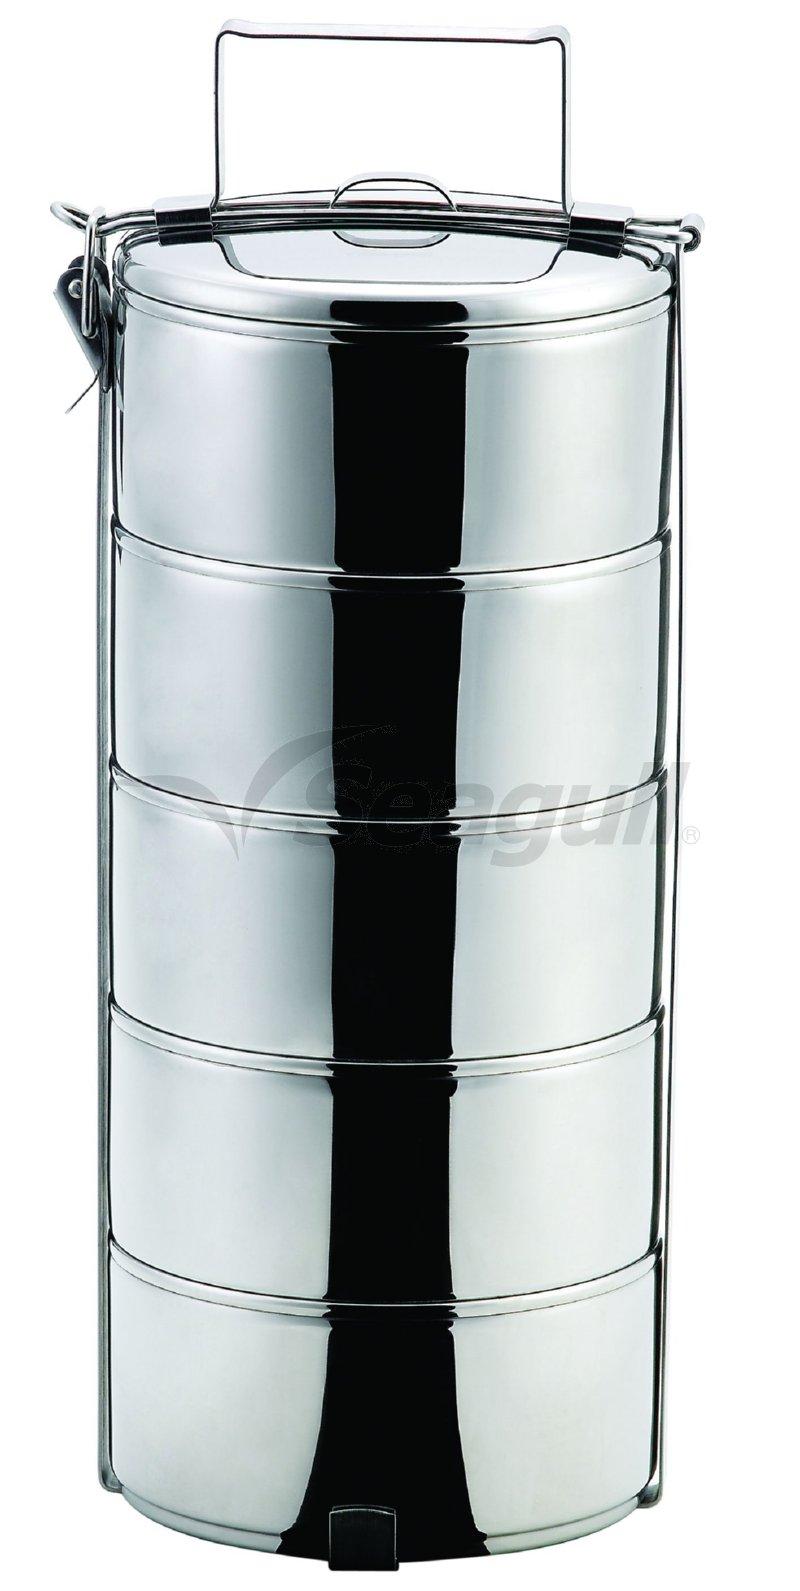 100350185 ปิ่นโตสเตนเลส 18 ซม. 5 ชั้น ตราซีกัล นกนางนวล